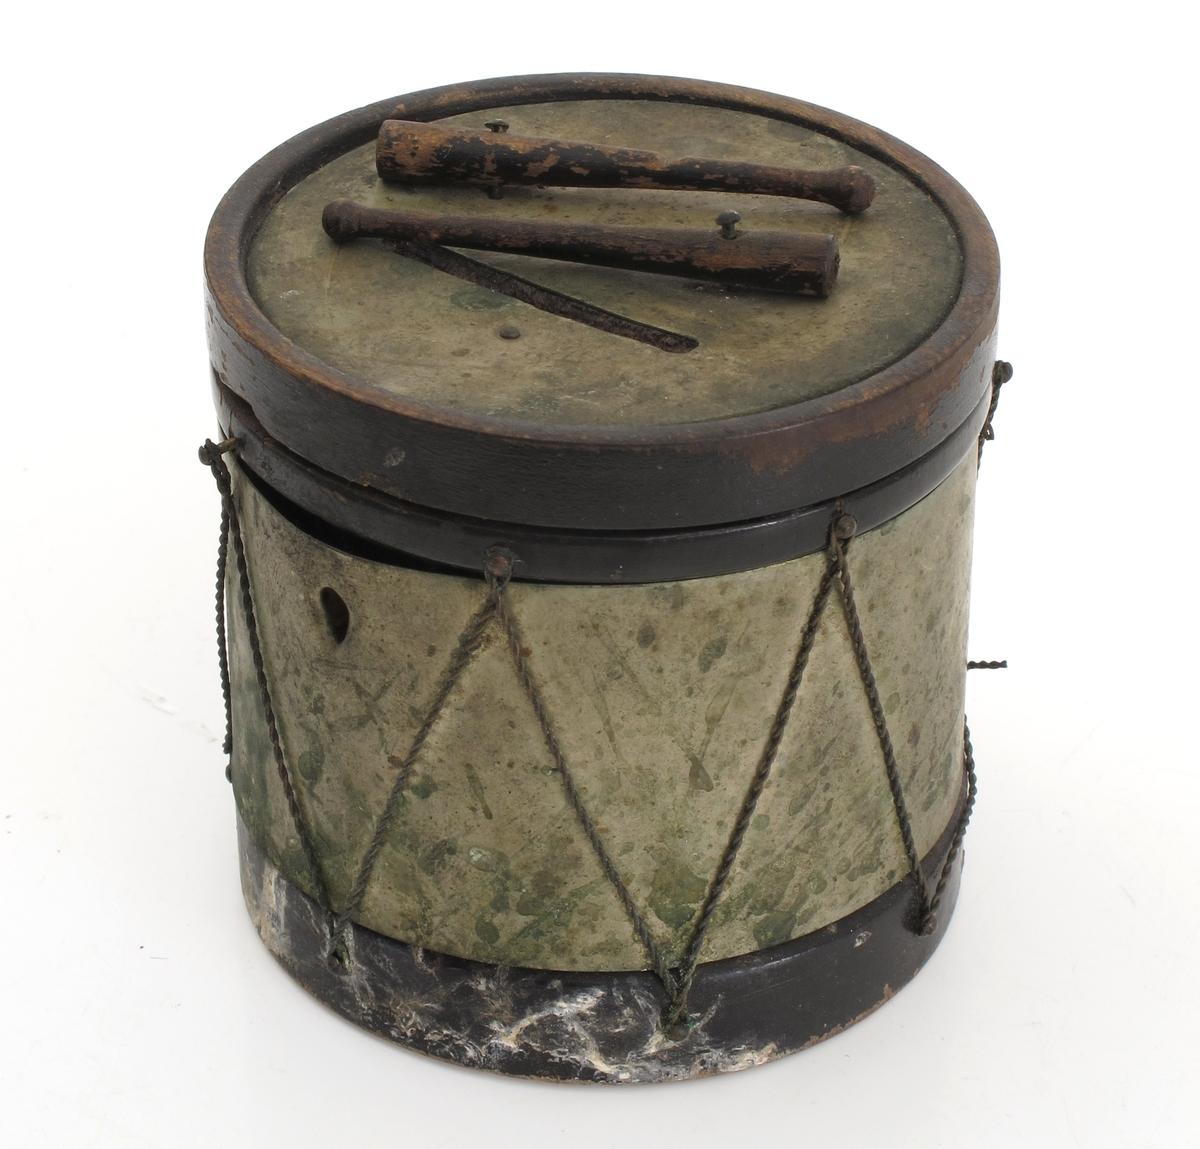 Sparebøsse i form av en liten tromme. Tre, sortmalt og messing. Sylinderformet tromme, trebunn, metallbånd om korpus med hyssing i siksak som på en tromme, messing topplate med sortmalt  trering om. Åpen spalte på toppen og to fastspikrede trommestikker.